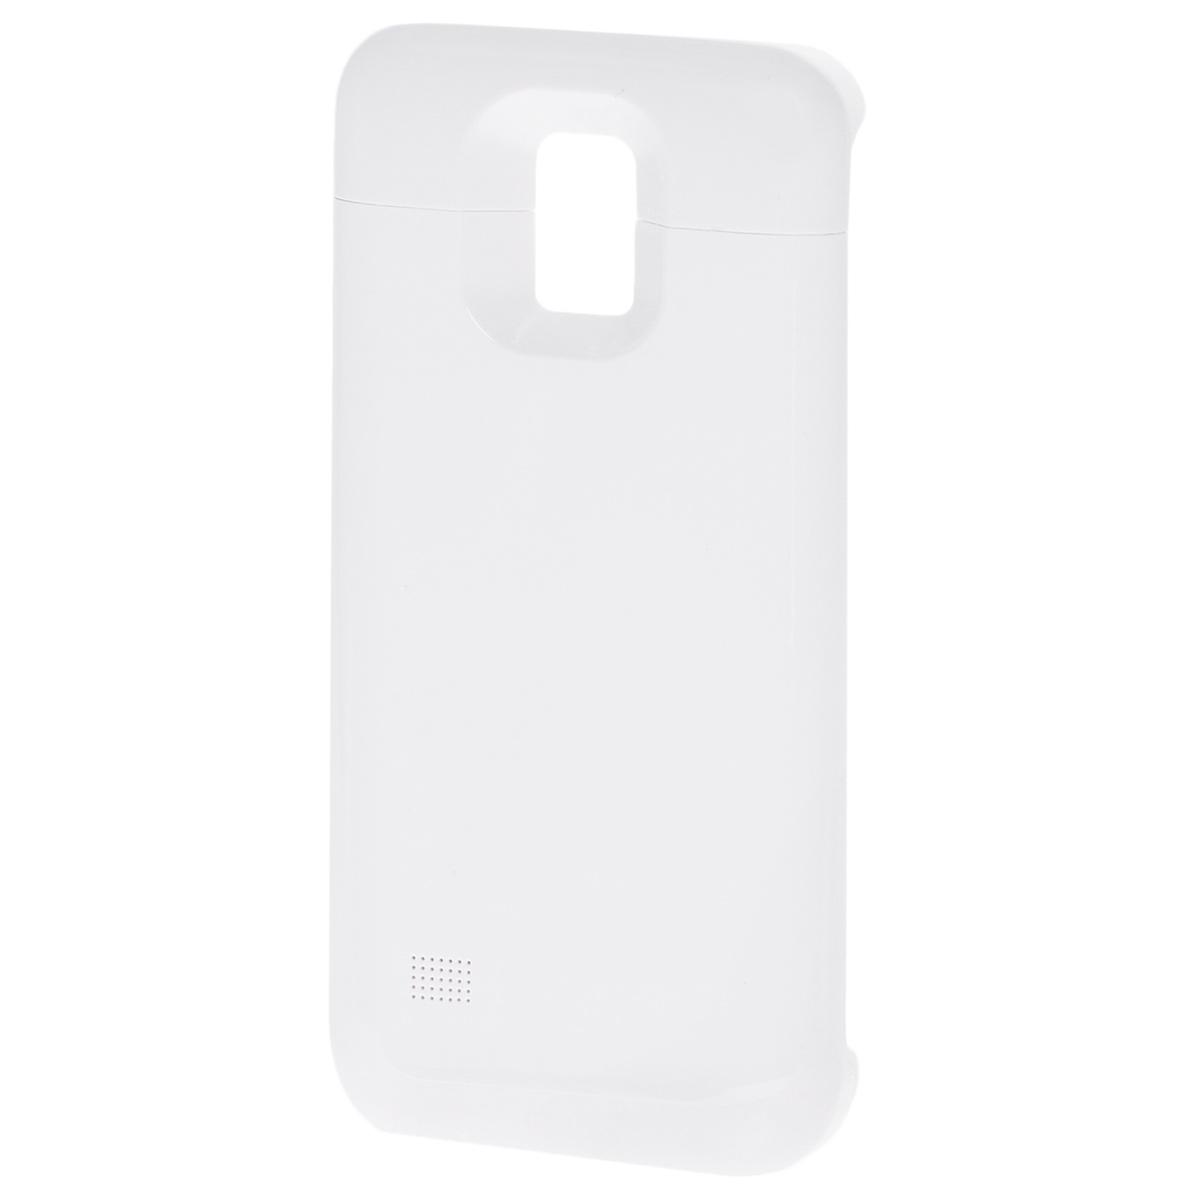 EXEQ HelpinG-SC09 чехол-аккумулятор для Samsung Galaxy S5 mini, White (3300 мАч, клип-кейс)HelpinG-SC09 WHExeq HelpinG-SC09 – компактный и надежный чехол-аккумулятор для Samsung Galaxy S5 mini. Как чехол Exeq HelpinG-SC09 надежно защититзаднюю панель вашего смартфона от ударов, царапин и загрязнений, как внешний аккумулятор с емкостью в 3300 мАч Exeq HelpinG-SC09обеспечит дополнительную подпитку батареи смартфона в самые необходимые моменты. При этом чехол-аккумулятор имеет настолькокомпактные размеры, что его подсоединение практически не повлияет на габариты самого смартфона. Да и весит чехол с аккумулятором всего69 г, что также не сильно утяжелит Ваш любимый смартфон.В качестве приятного дополнения Exeq HelpinG-SC09 имеет выдвижную подставку. Специальная конструкция чехла с выдвижной верхней частьюпозволит удобно и надежно поместить телефон в чехол, а при необходимости, легко и быстро достать телефон из чехла. Хотя извлекать телефониз надежного аксессуара вам вряд ли понадобится – заряжать телефон можно непосредственно в чехле, подключив к нему зарядное устройствотелефона и нажав кнопку питания на чехле. Если кнопку питания не нажимать, то будет происходить зарядка чехла-аккумулятора. Состояниеуровня заряда батареи чехла-аккумулятора отражают 4 индикатора на нижней части корпуса аксессуара (каждый индикатор отвечает за уровеньбатареи в 25%)